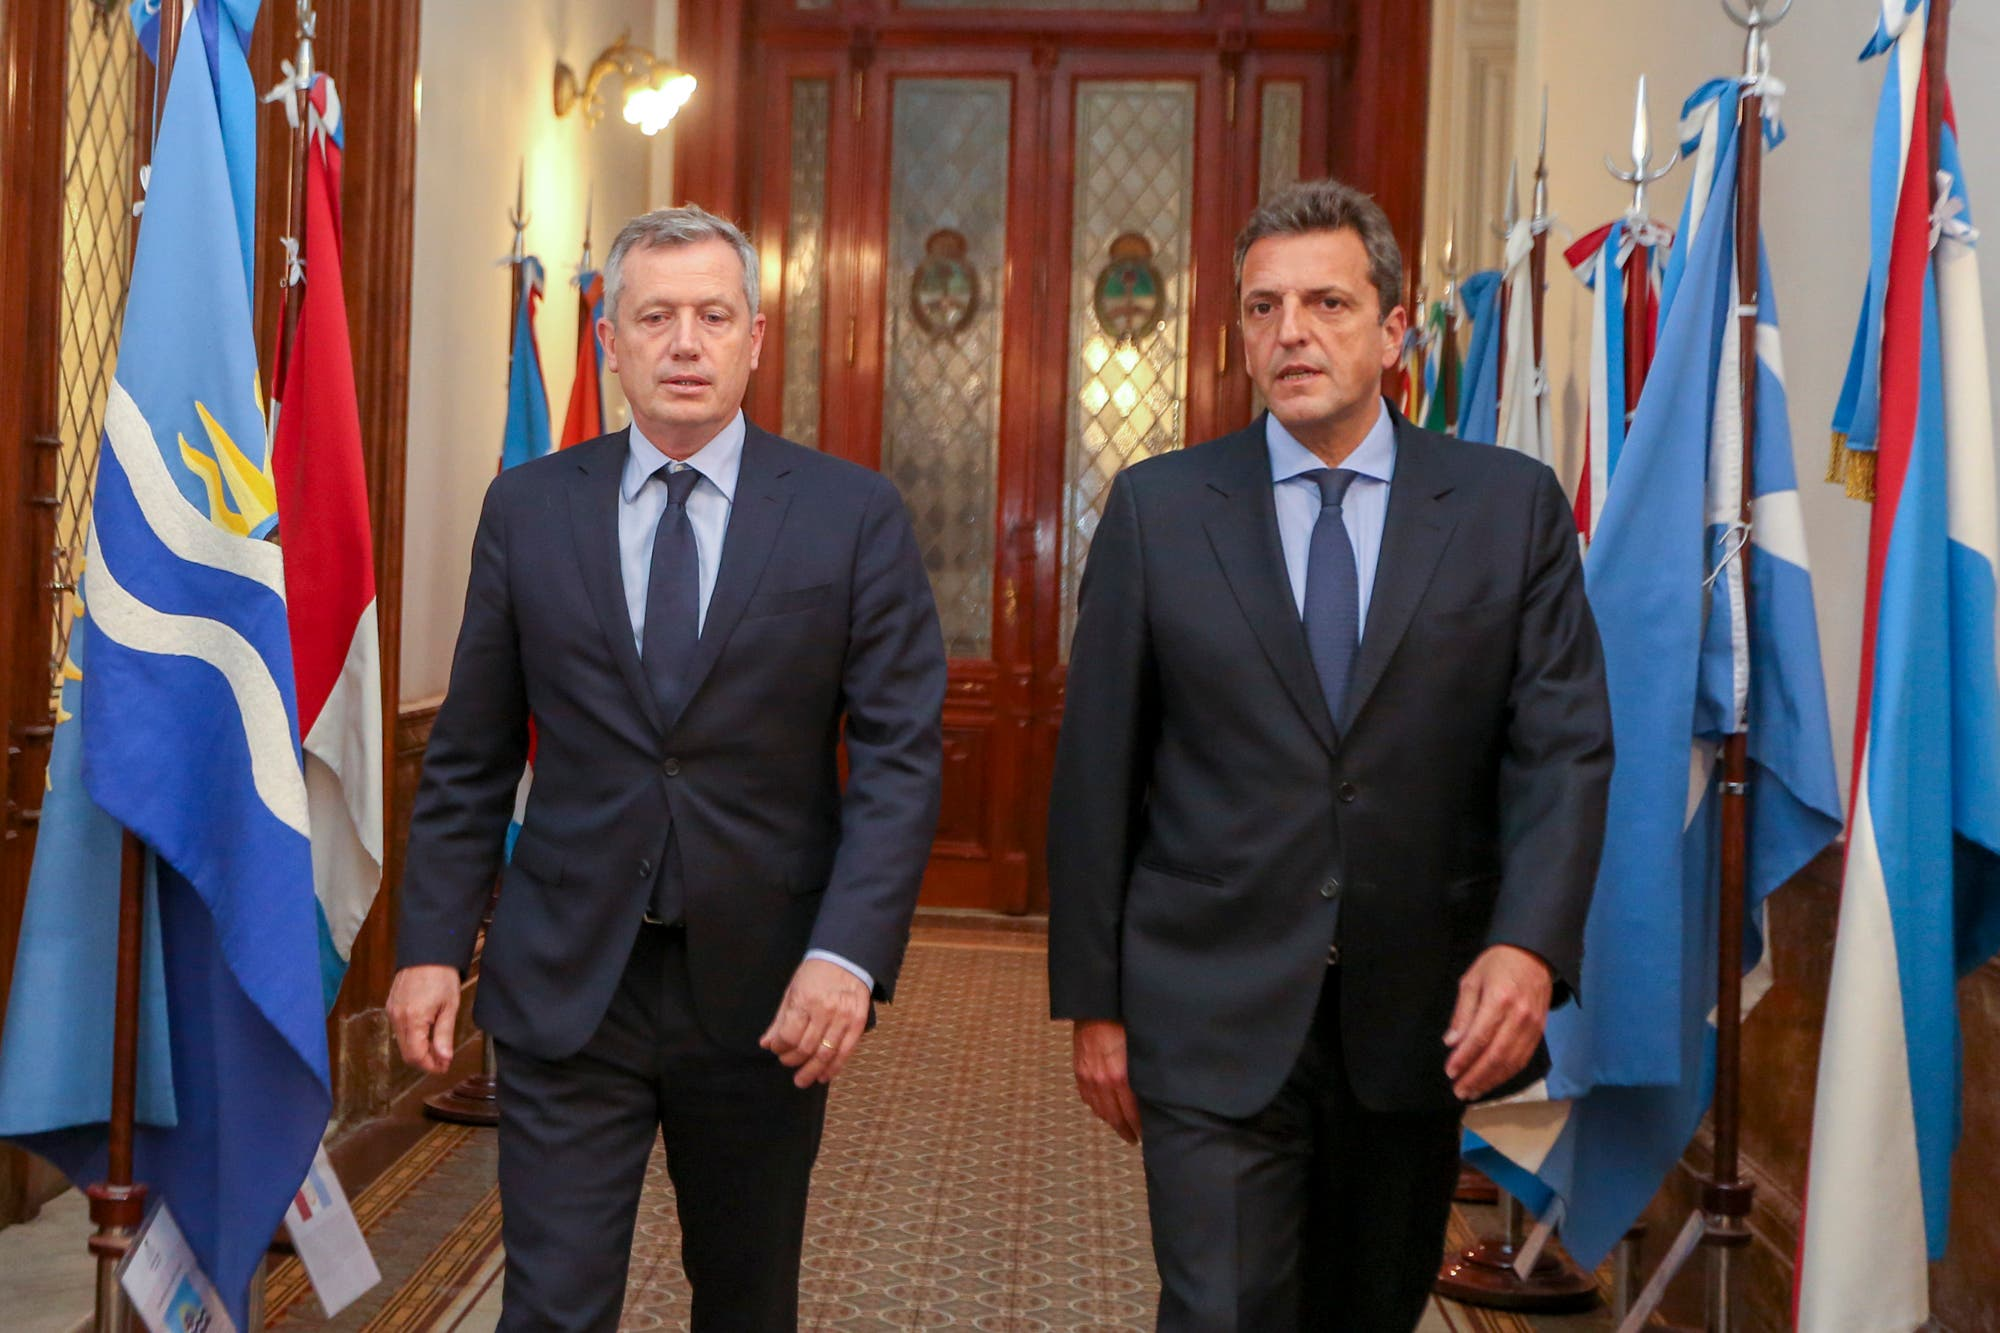 Fernández activará el Congreso en verano: emergencia económica y reperfilamiento